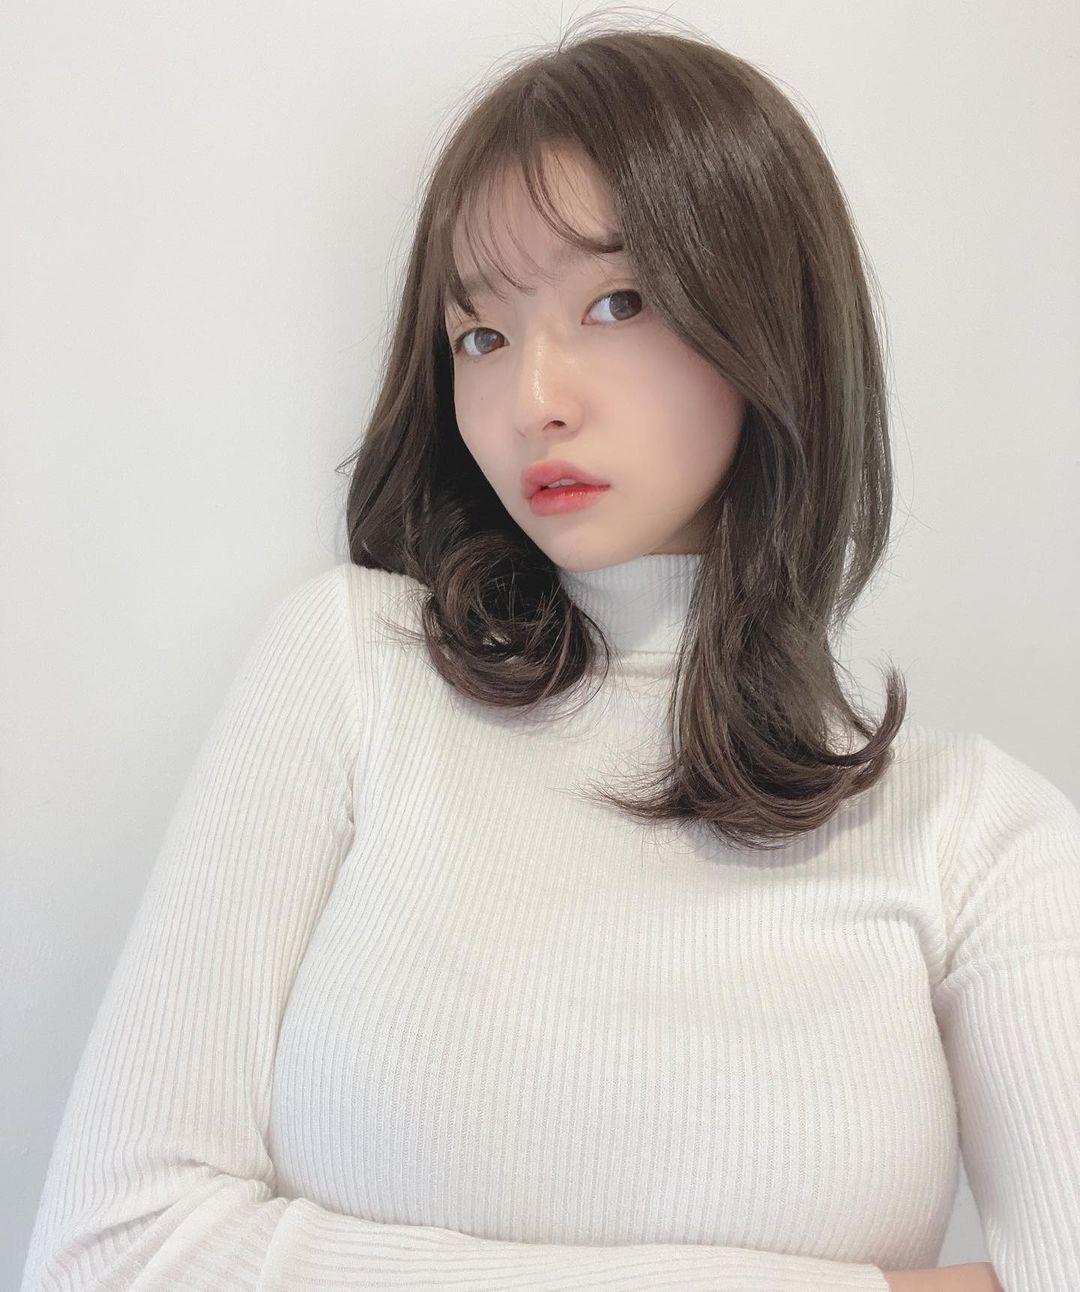 「拉面千金」登杂志封面「爆马甲」太火辣!竟还与明日花绮罗合作新歌MV!